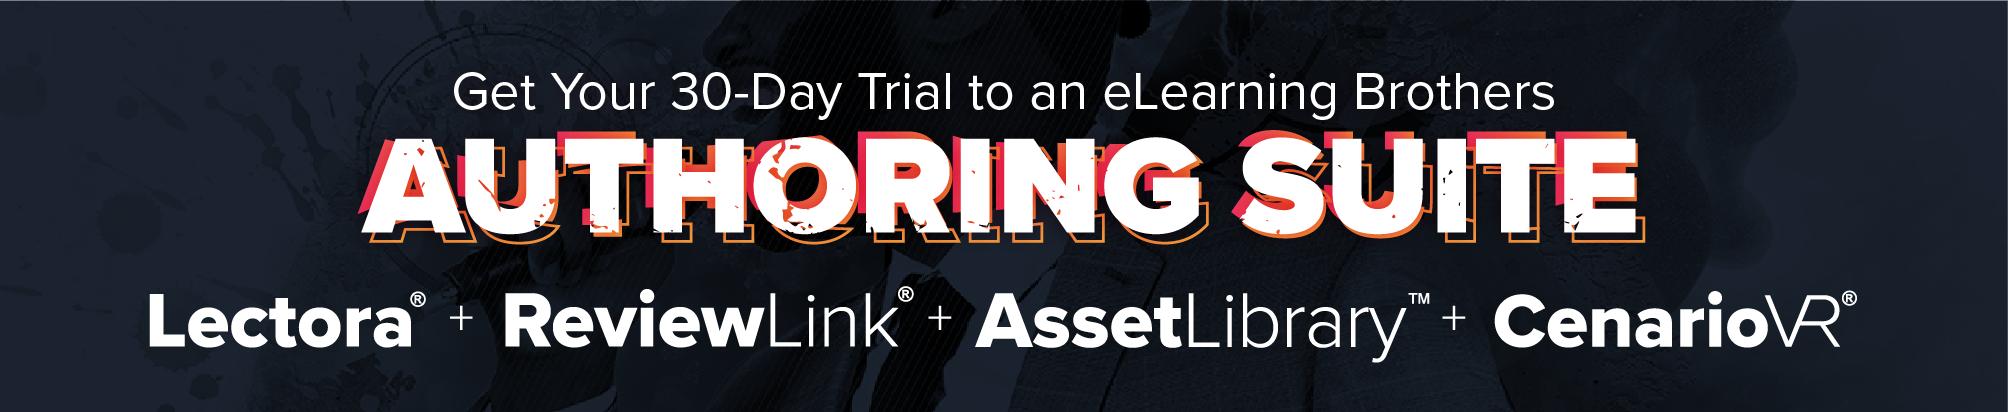 AuthoringSuiteFreeTrial_LandingPg_HeroHeader